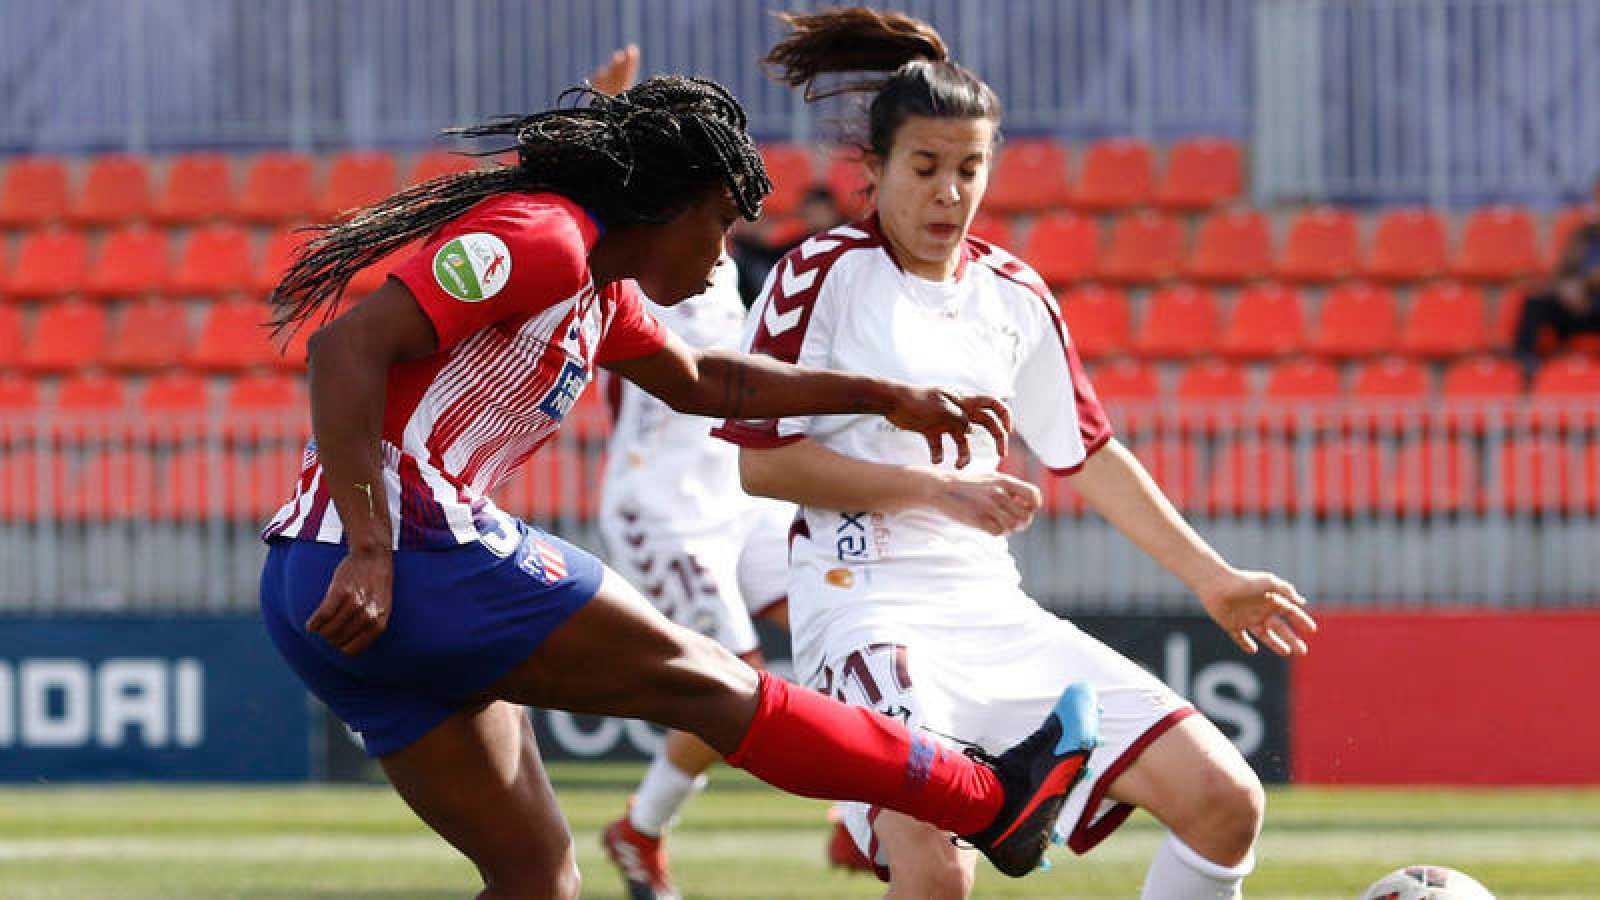 """La ACFF reitera su rechazo a la liga de Rubiales y anuncia un acuerdo televisivo """"histórico"""""""